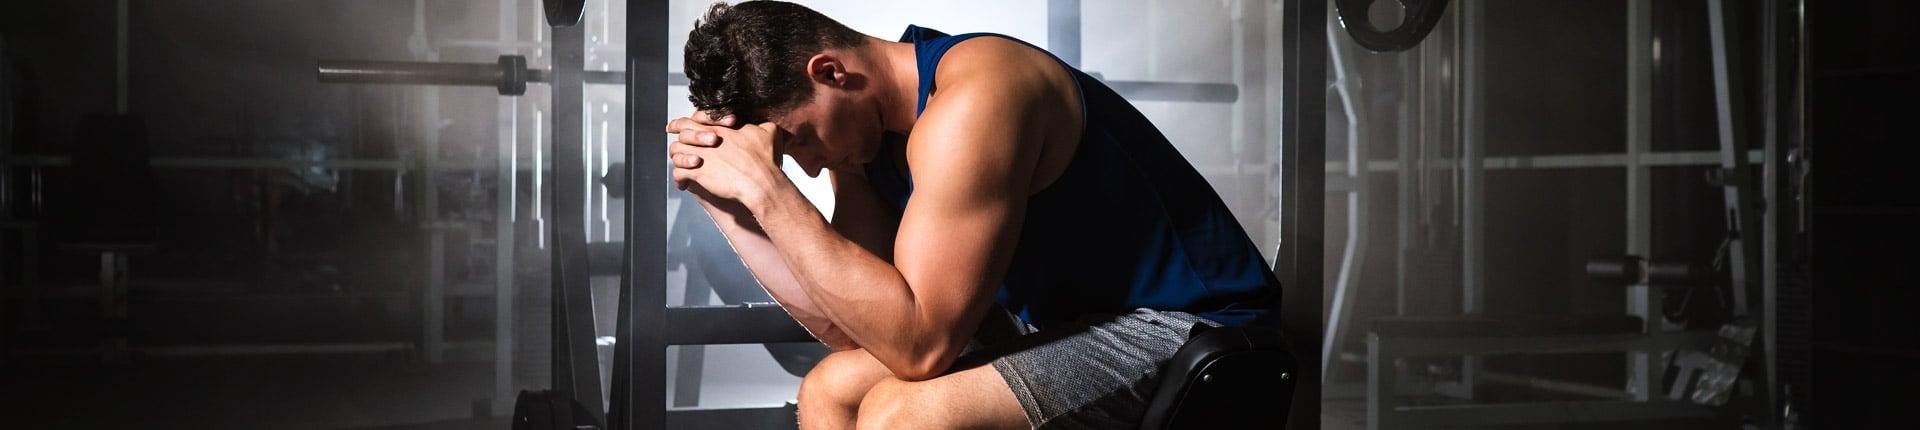 Kortyzol - po czym poznać, że poziom kortyzolu jest za wysoki?